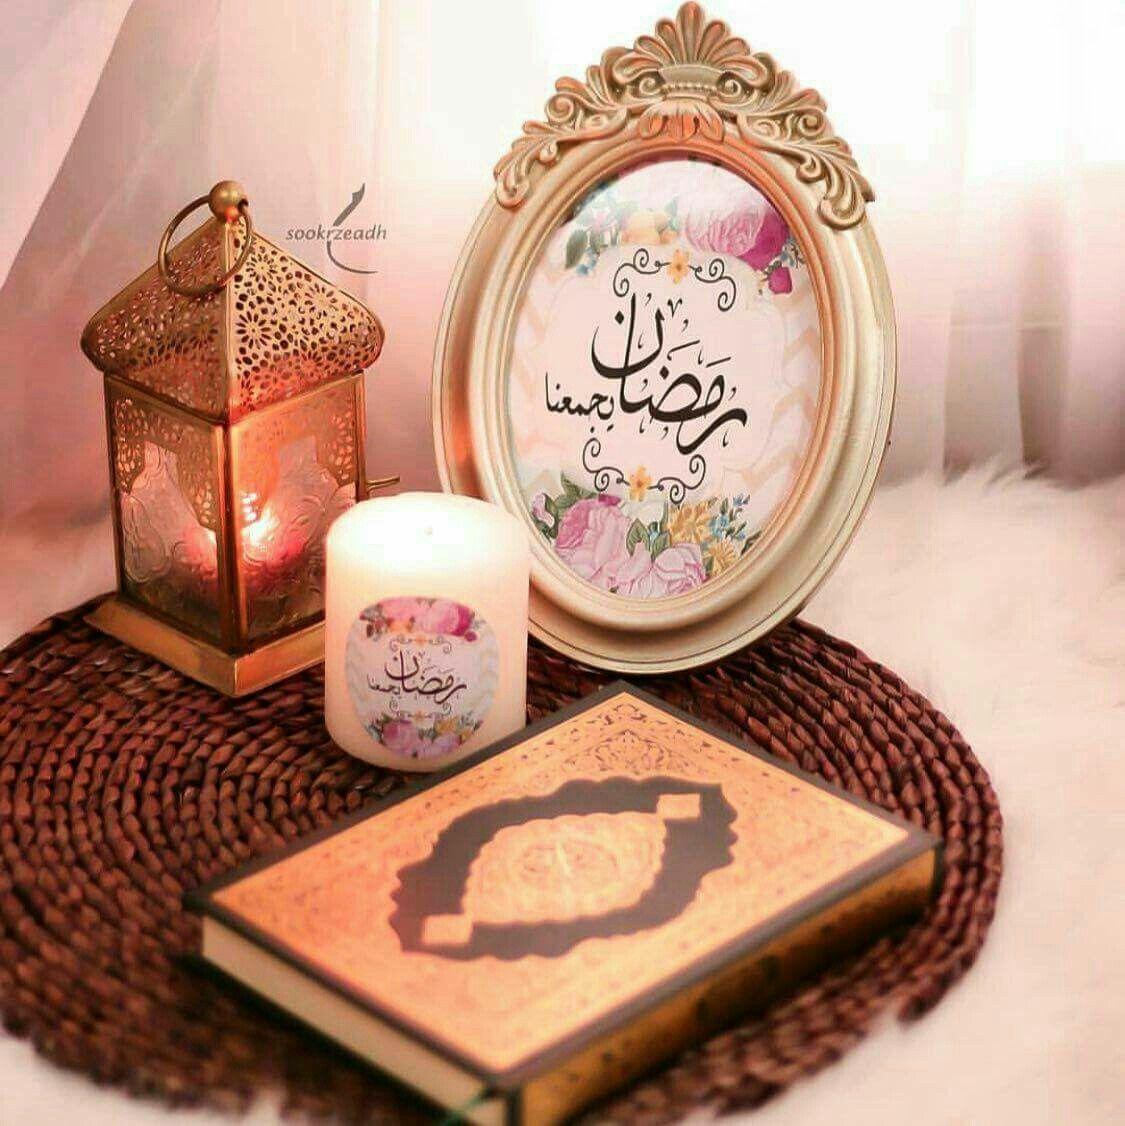 Pin By Asrar On اللهم اجعل القرآن ربيع قلبي Ramadan Decorations Ramadan Kareem Decoration Ramadan Gifts